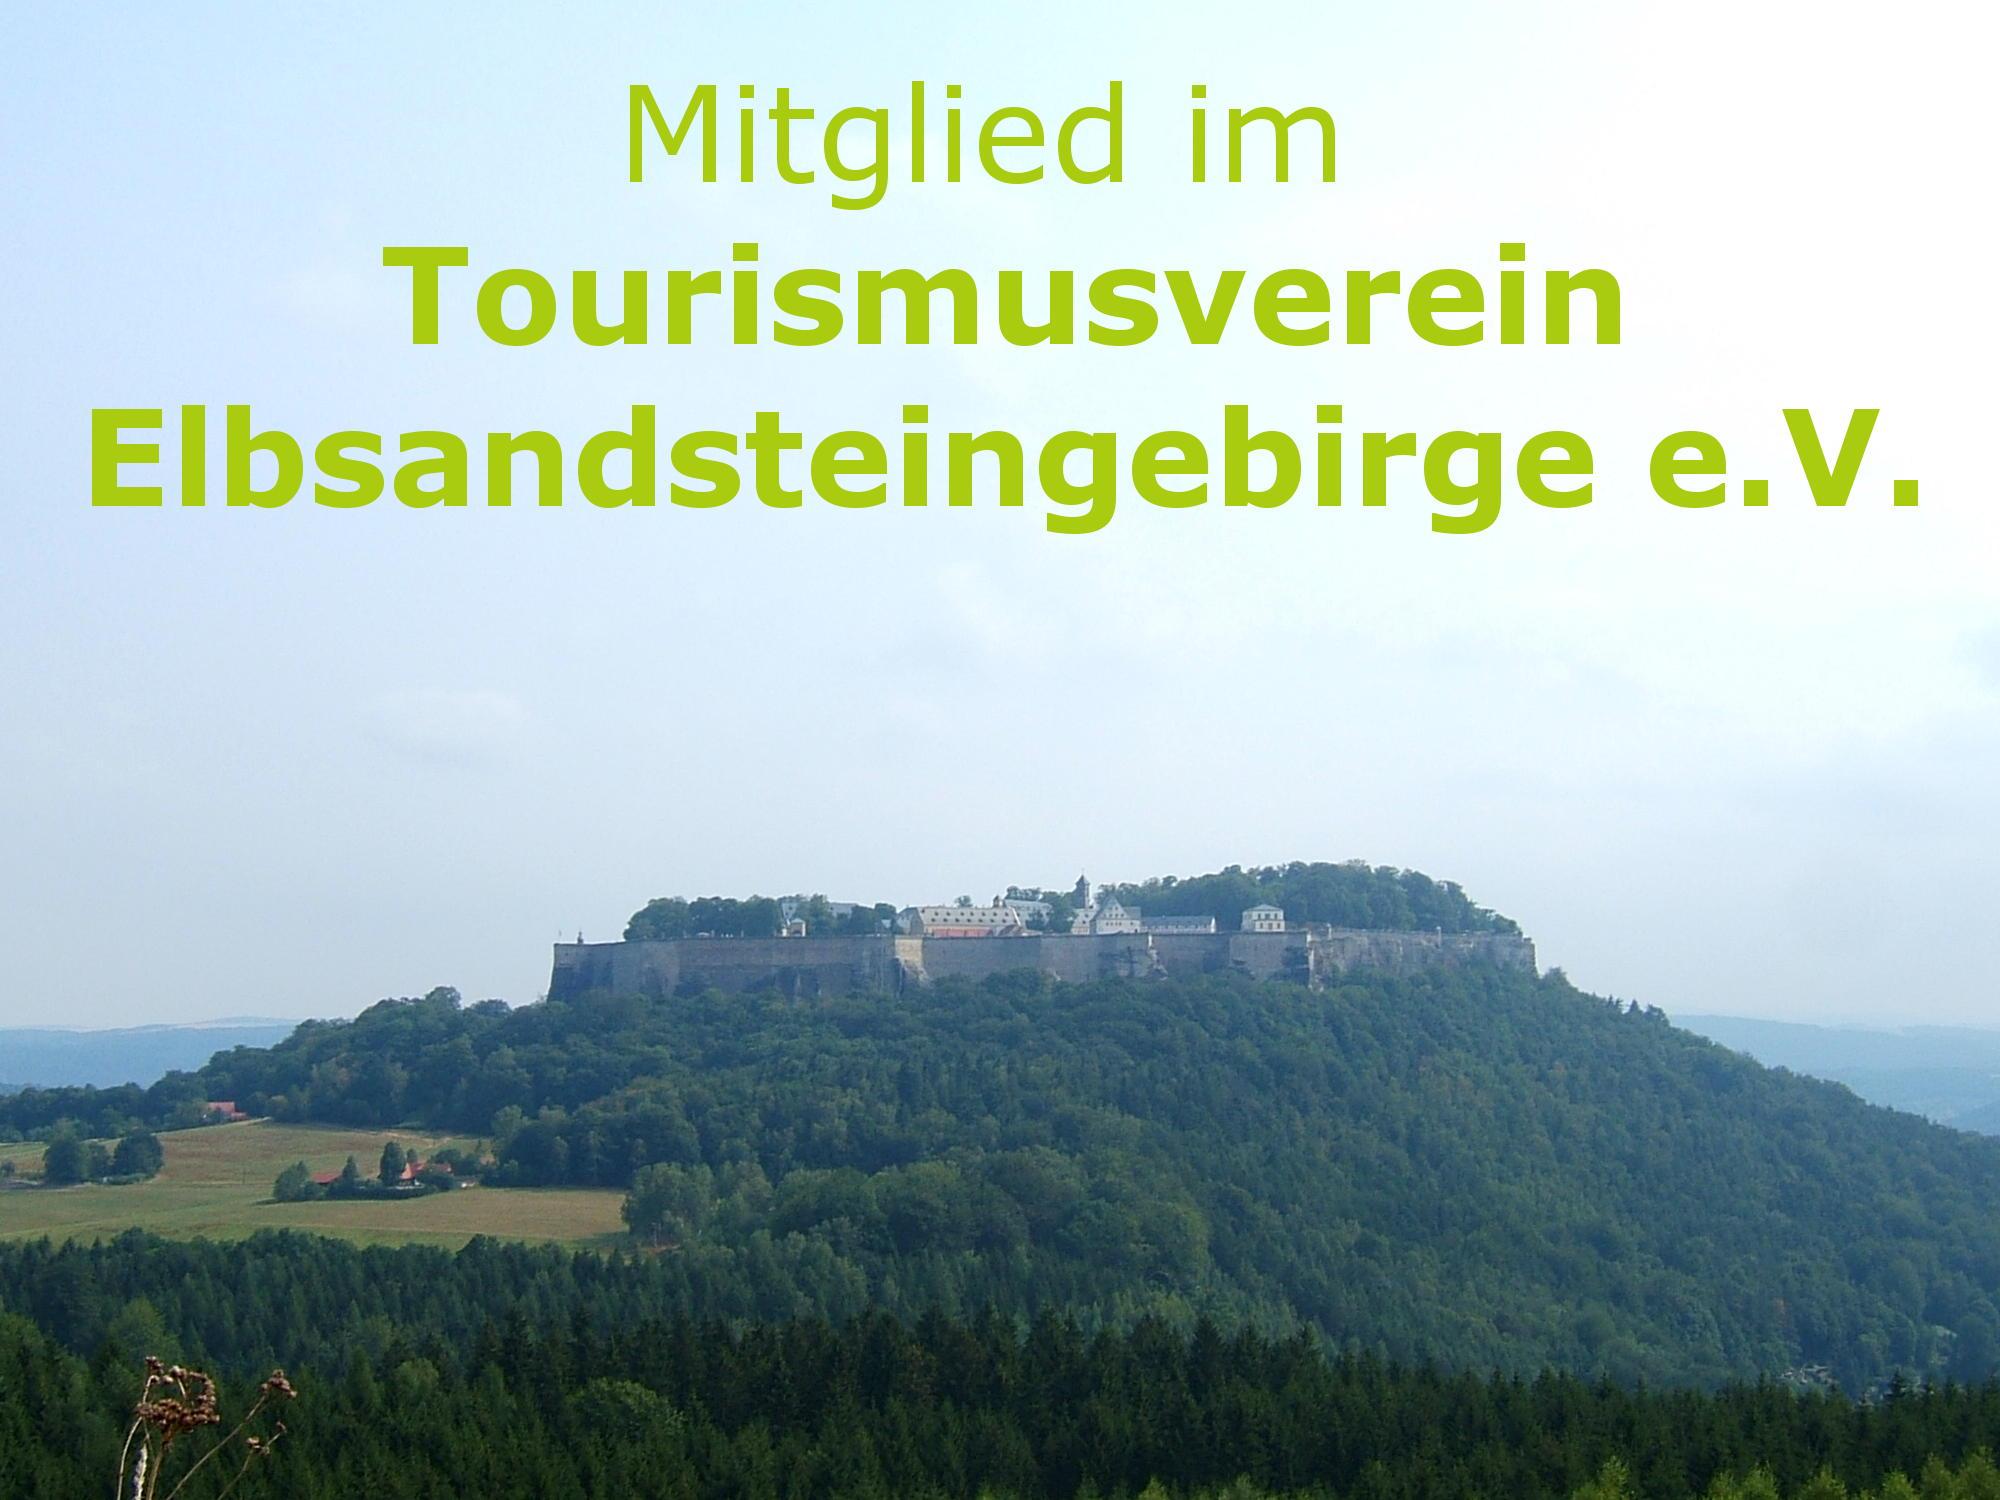 Mitglied im Tourismusverein Elbsandsteingebirge e.V.